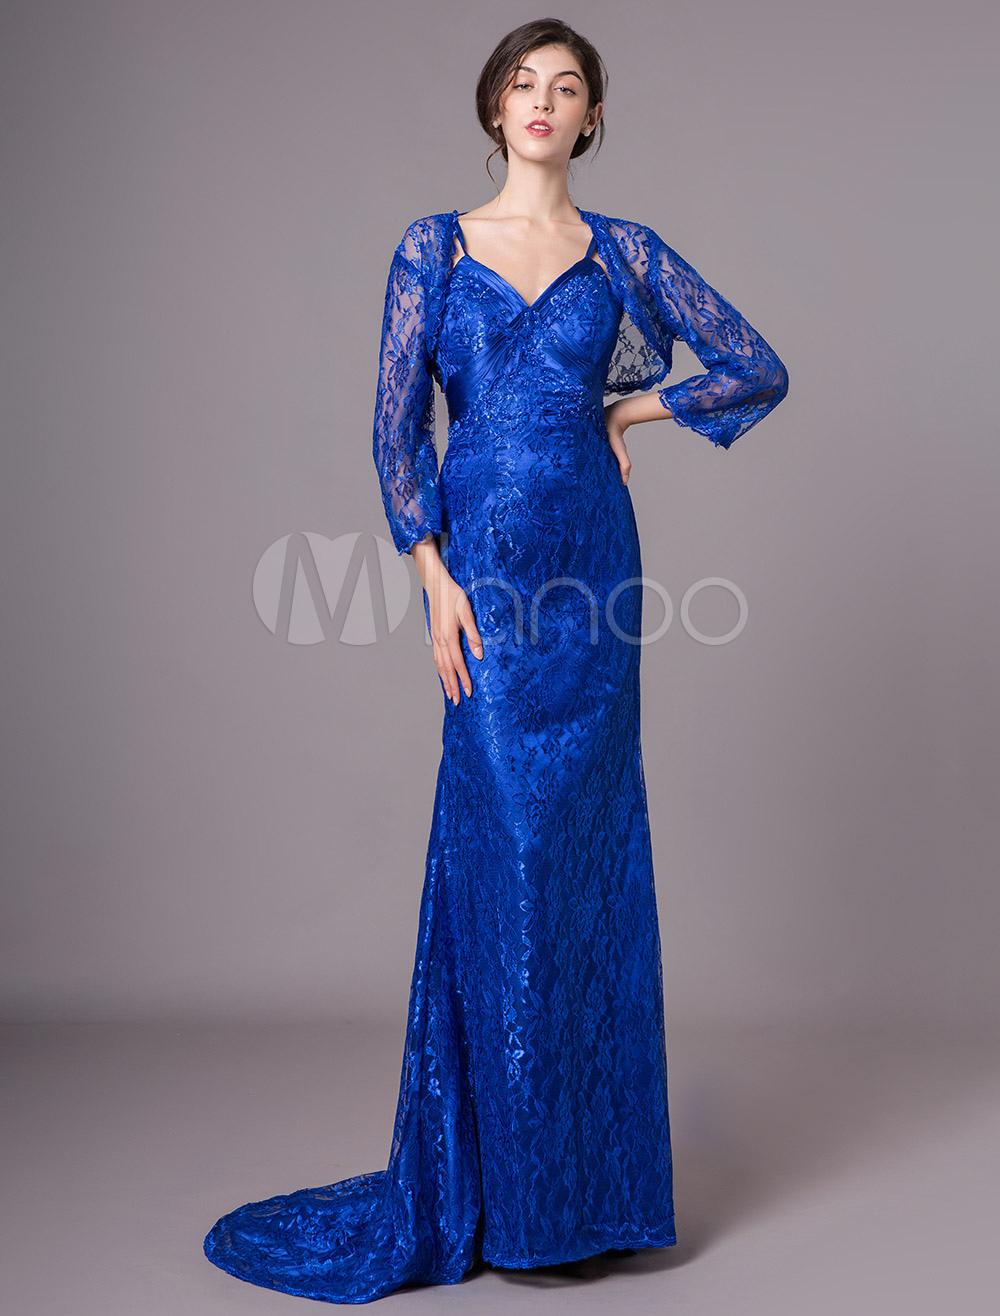 free shipping b691e 0280e Abito da sposa e abito per la madre della sposa Abito da cerimonia per  matrimoni con maniche lunghe in pizzo blu